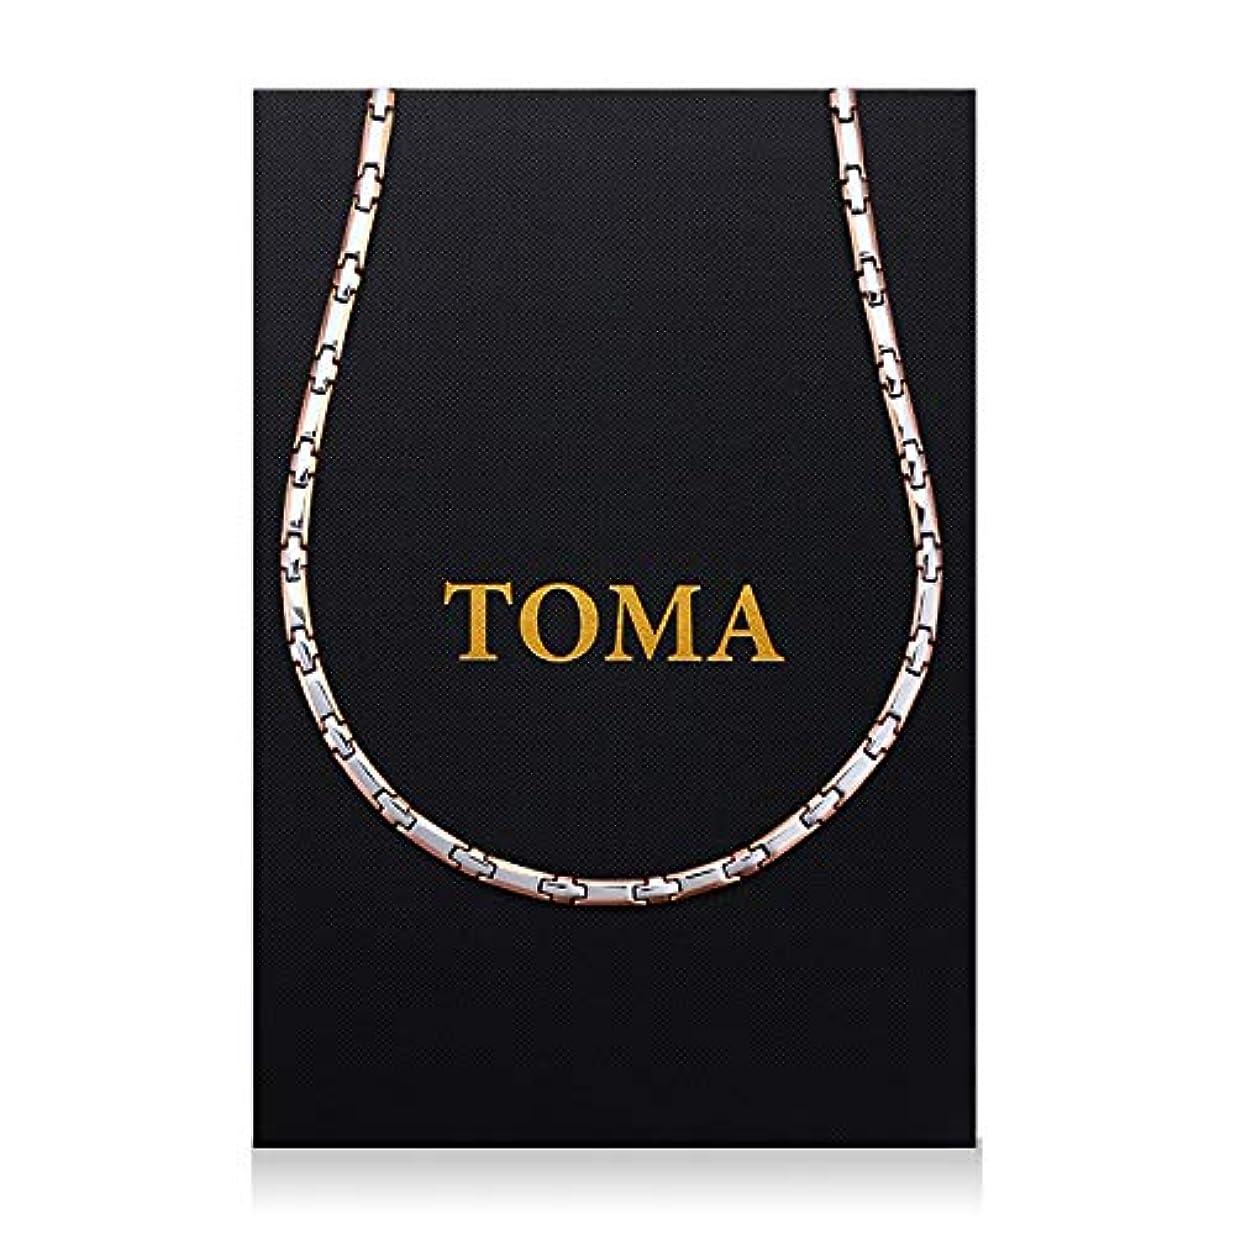 超越する交換可能熱意TOMA7MF 二色ネックレス 保証書(ギャランティカード)付き